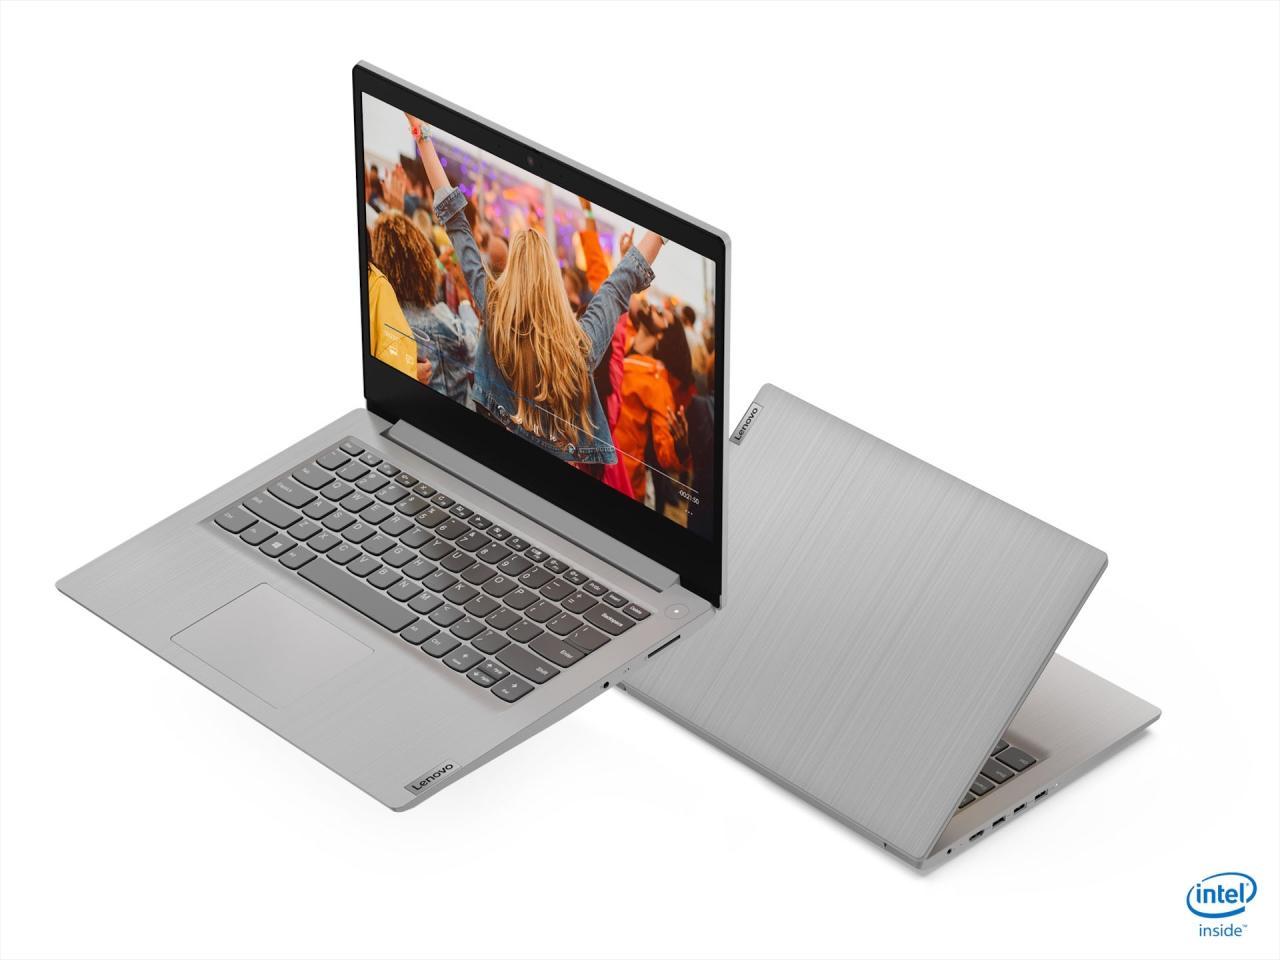 Lenovo ra mắt bộ đôi laptop IdeaPad mỏng nhẹ mới tối ưu cho làm việc, học tập từ xa: giá từ 11,5 triệu đồng, có lựa chọn chip AMD Ryzen 4000 Series Mobile